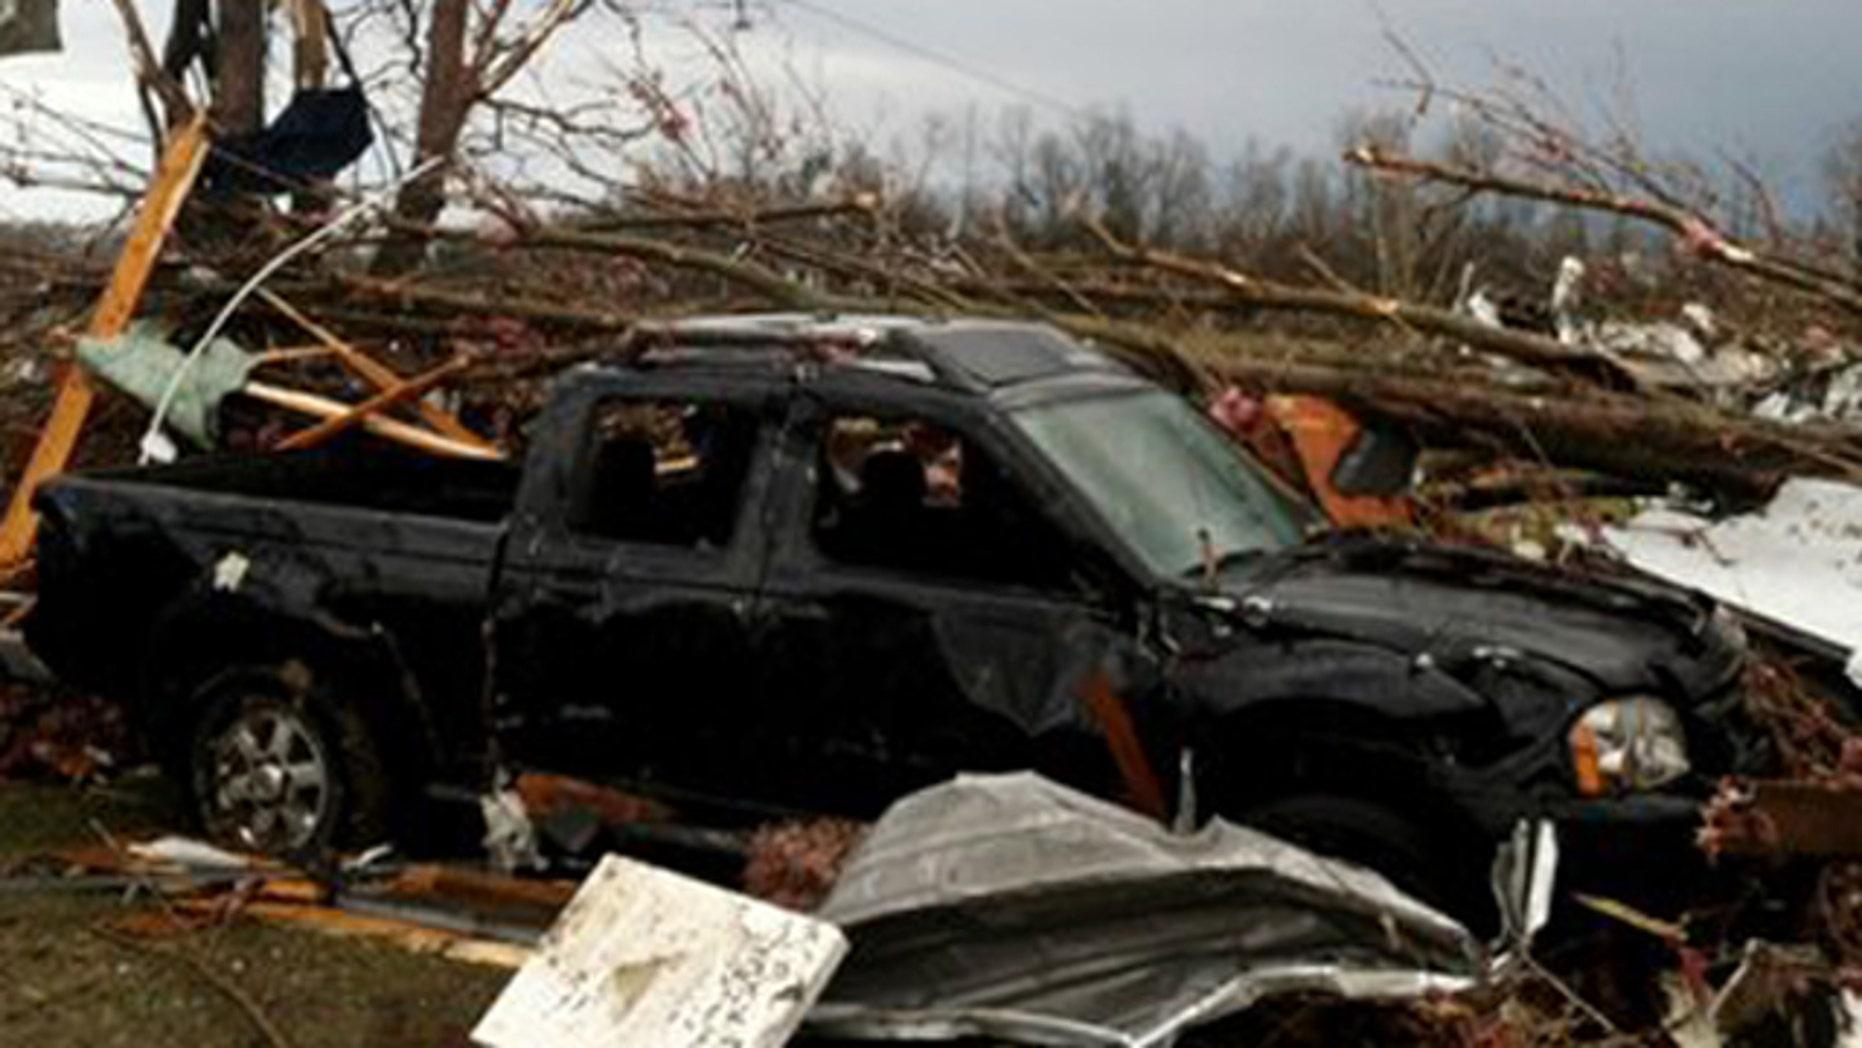 Mar. 3, 2012: A truck stands amongst storm damage near New Pekin, Ind.